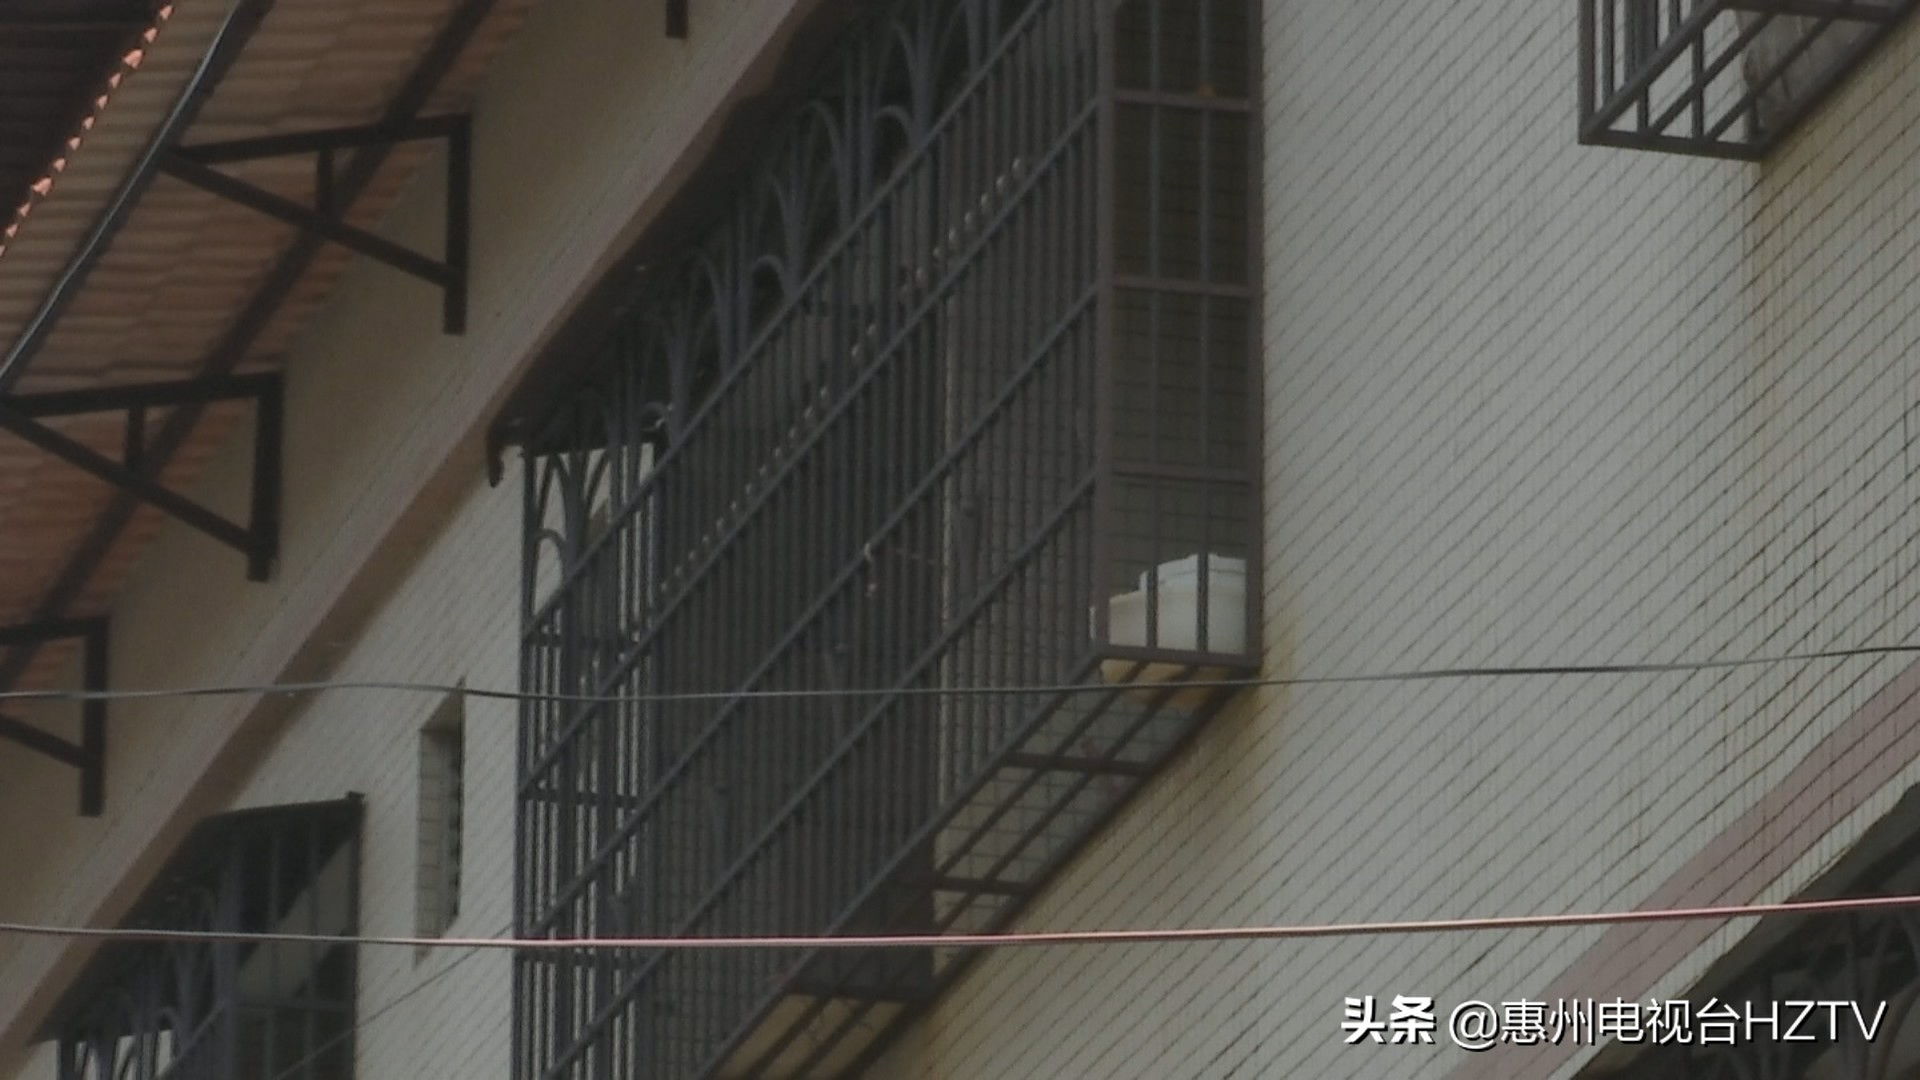 小金口圣丰线路板厂:深夜排出刺鼻异味,居民不堪其扰